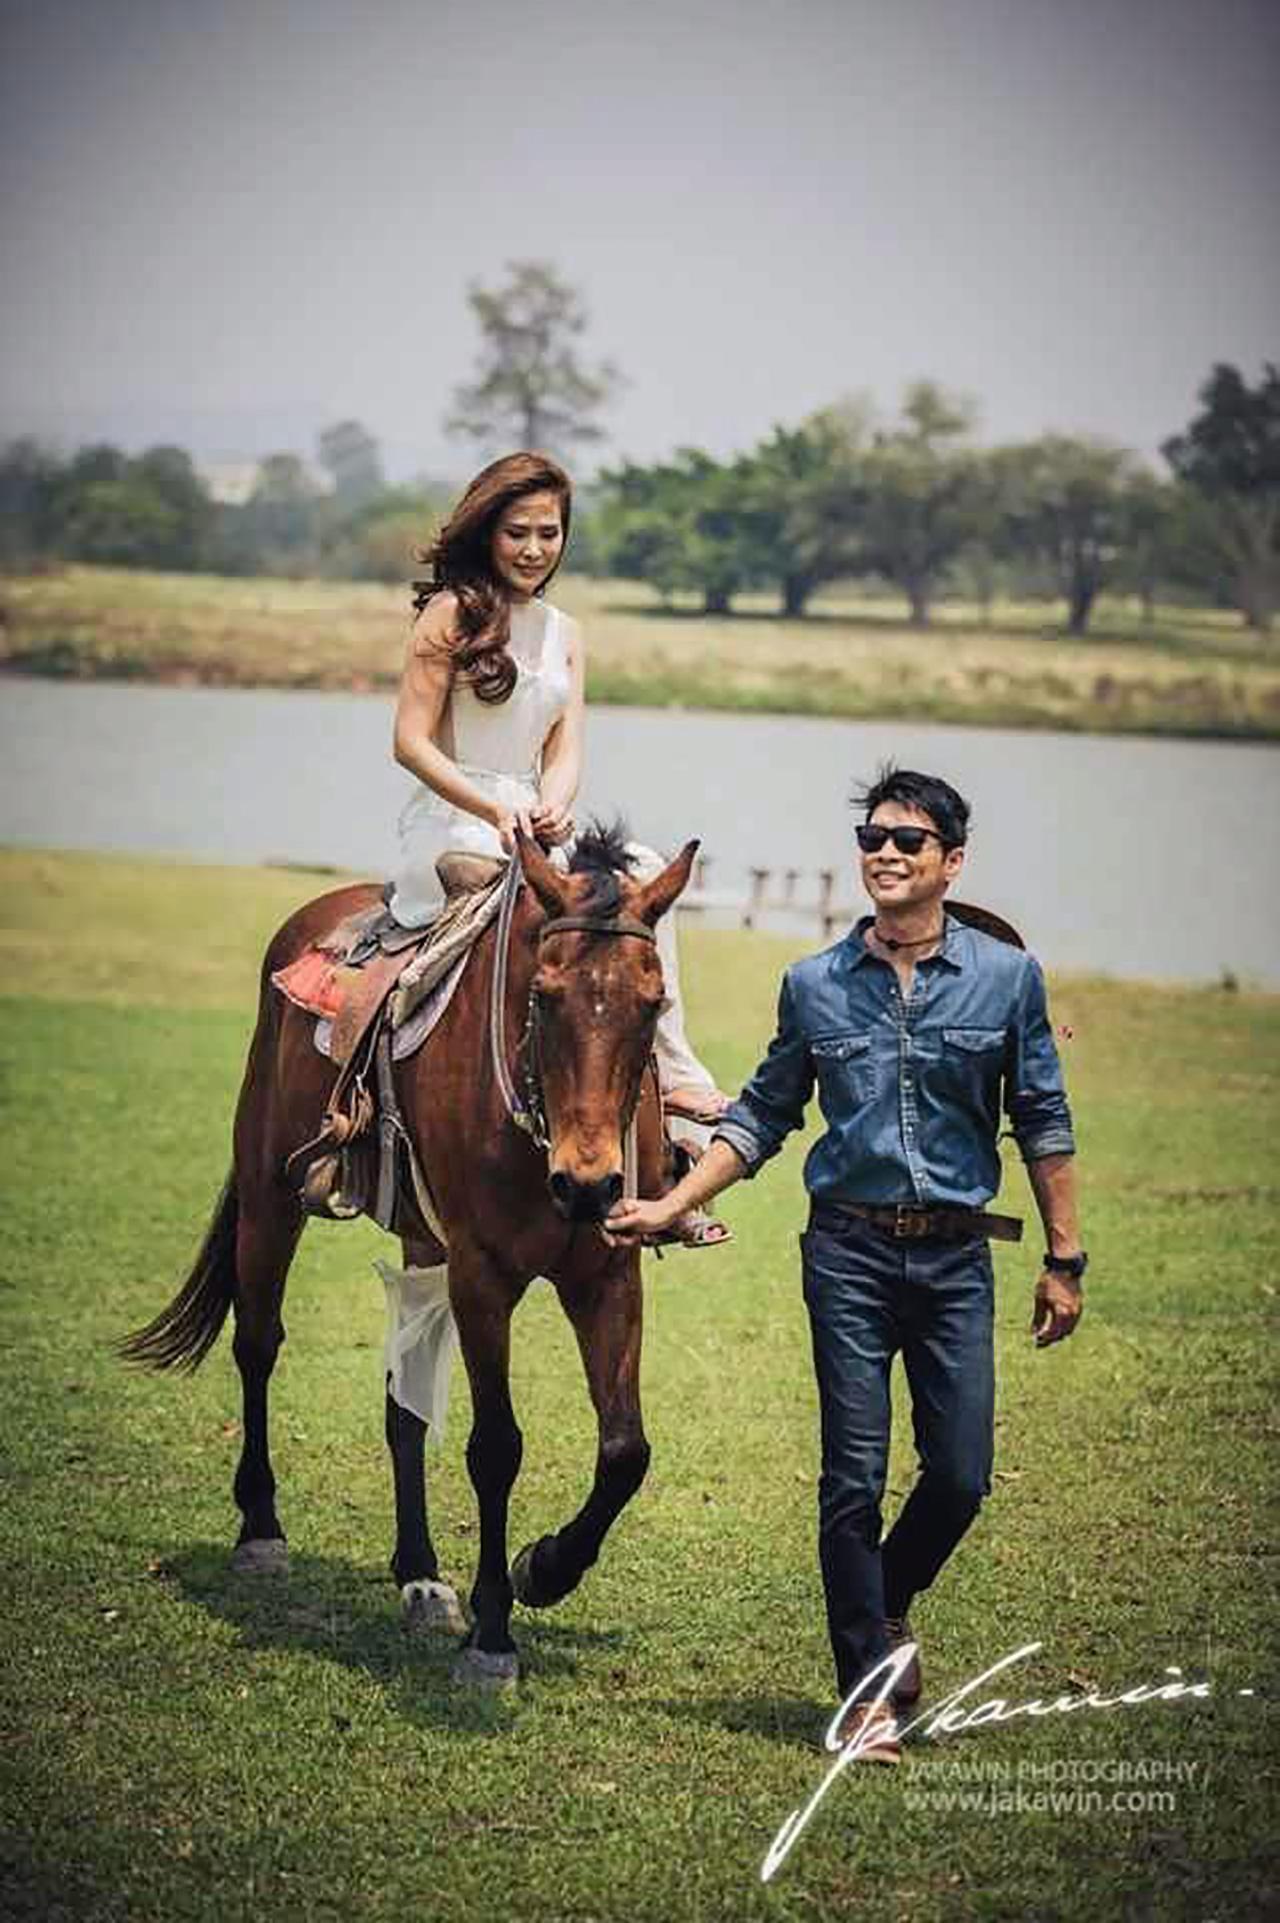 ธีมพรีเวดดิ้ง คือ Love is a Journey หมายถึงคนสองคนที่ต่างขั้วต่างสไตล์ได้มาเจอกันและรักกันใช้ชีวิตร่วมกัน